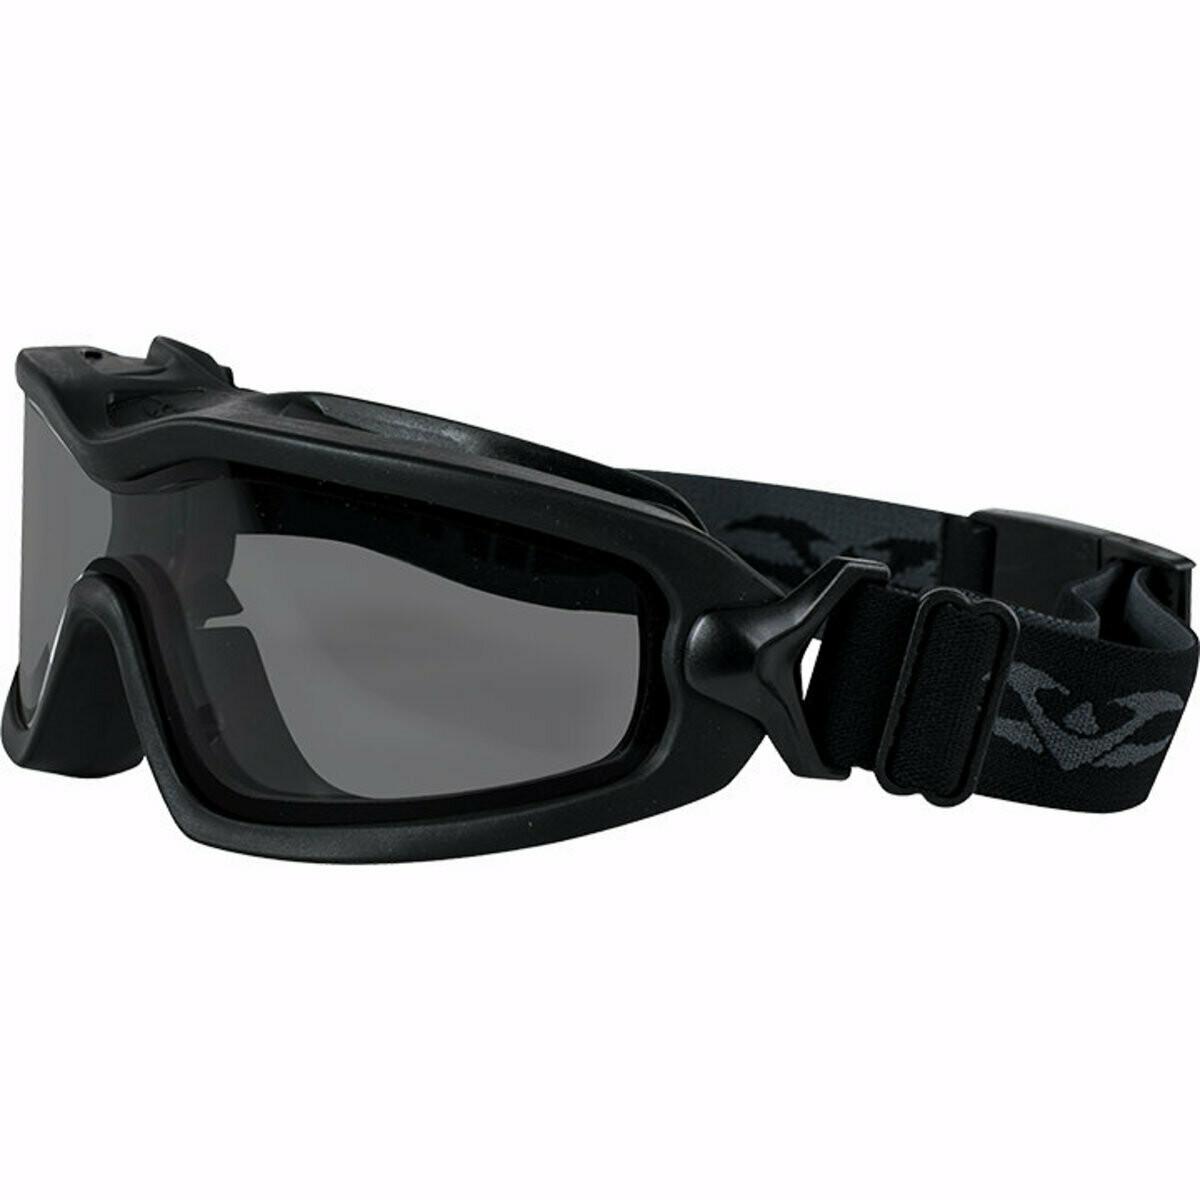 Valken Sierra Airsoft Goggles